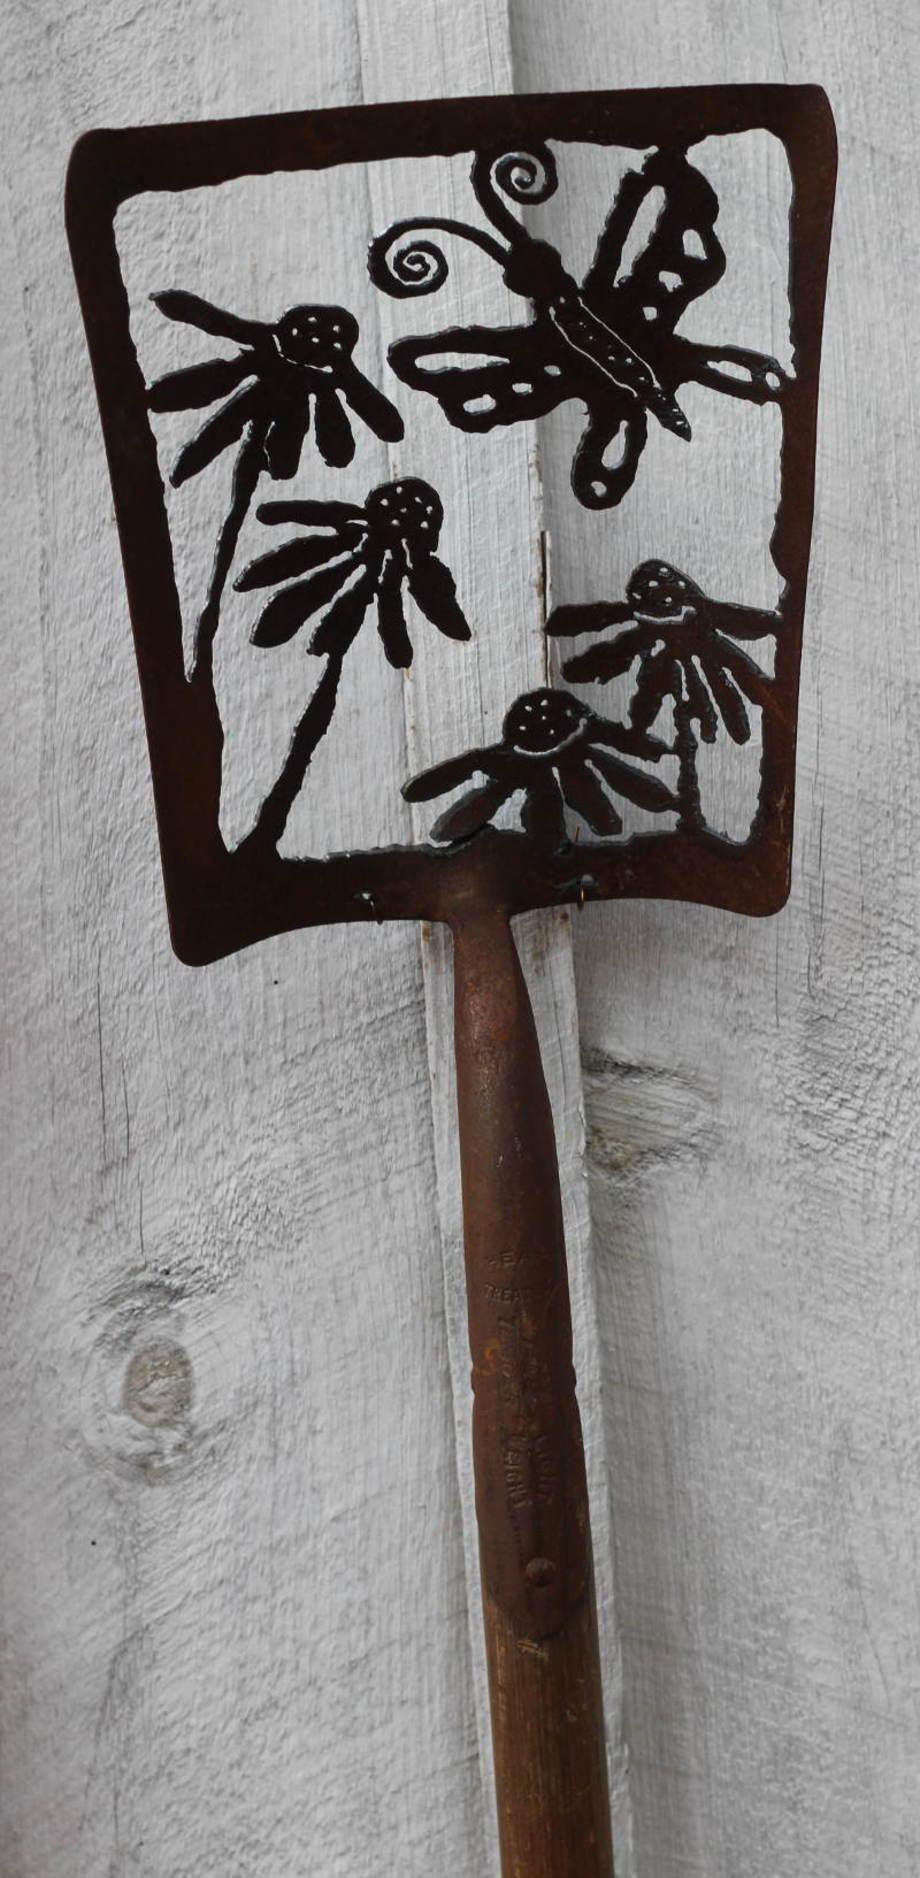 Coneflower shovel